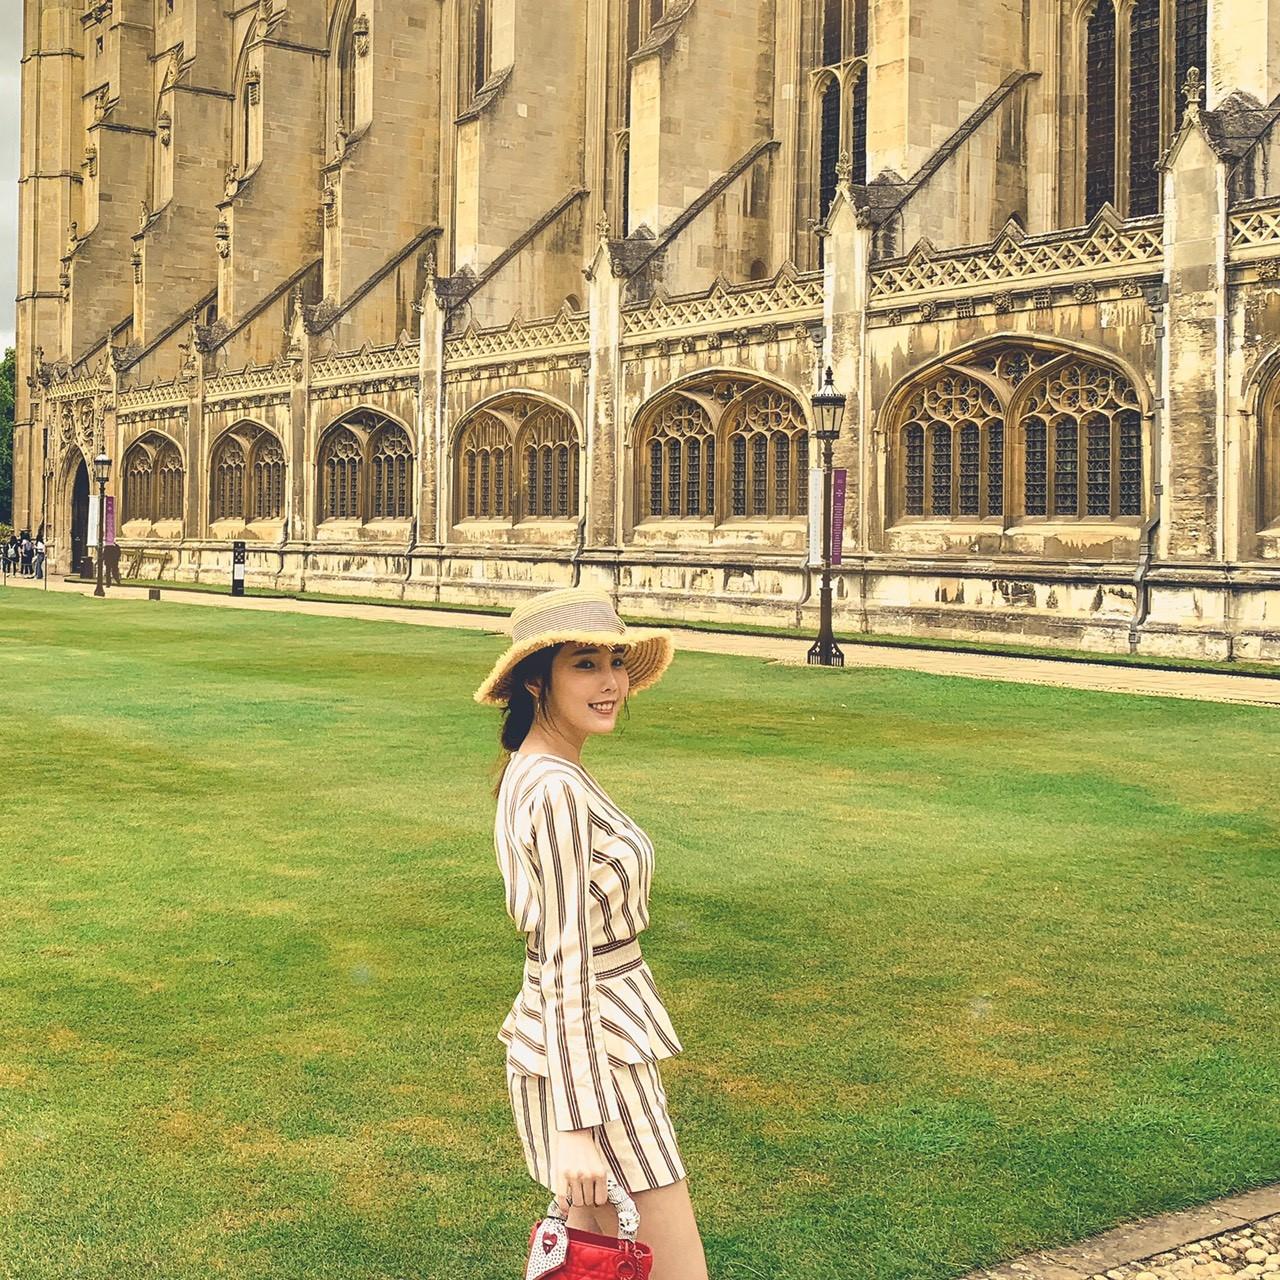 ▲朱琦郁這次去倫敦,帶著男友一同舊地重遊,兩人一起去了許多當紅的景點。